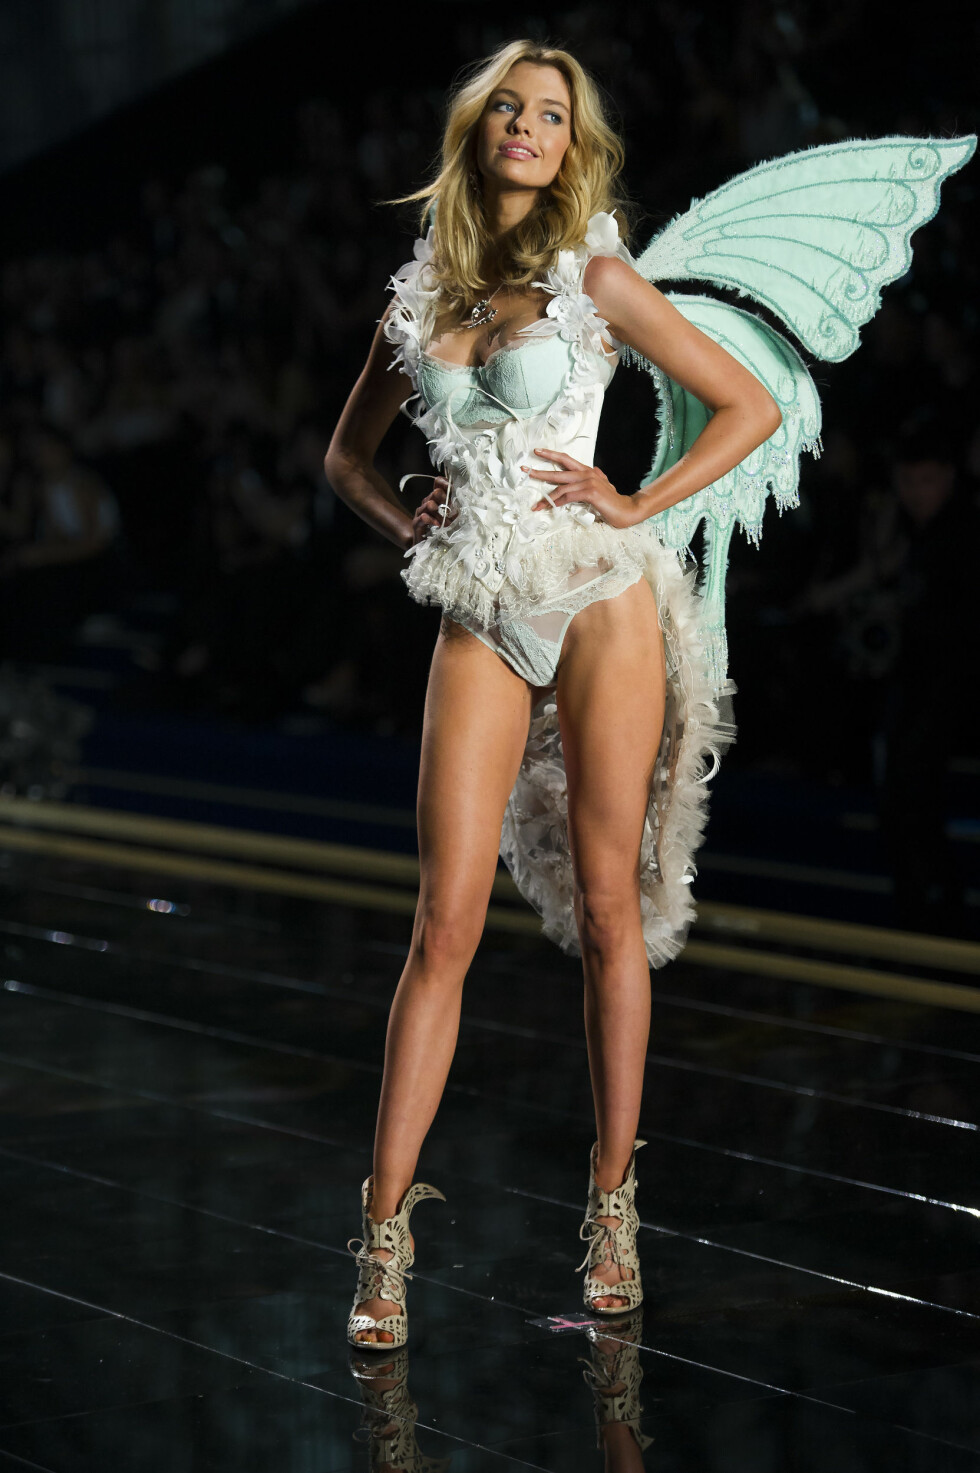 NR. 6: Stella Maxwell er en 23 år gammel nord-irsk modell, som vokste opp i Belgia, Australia og New Zealand. Foto: SipaUSA